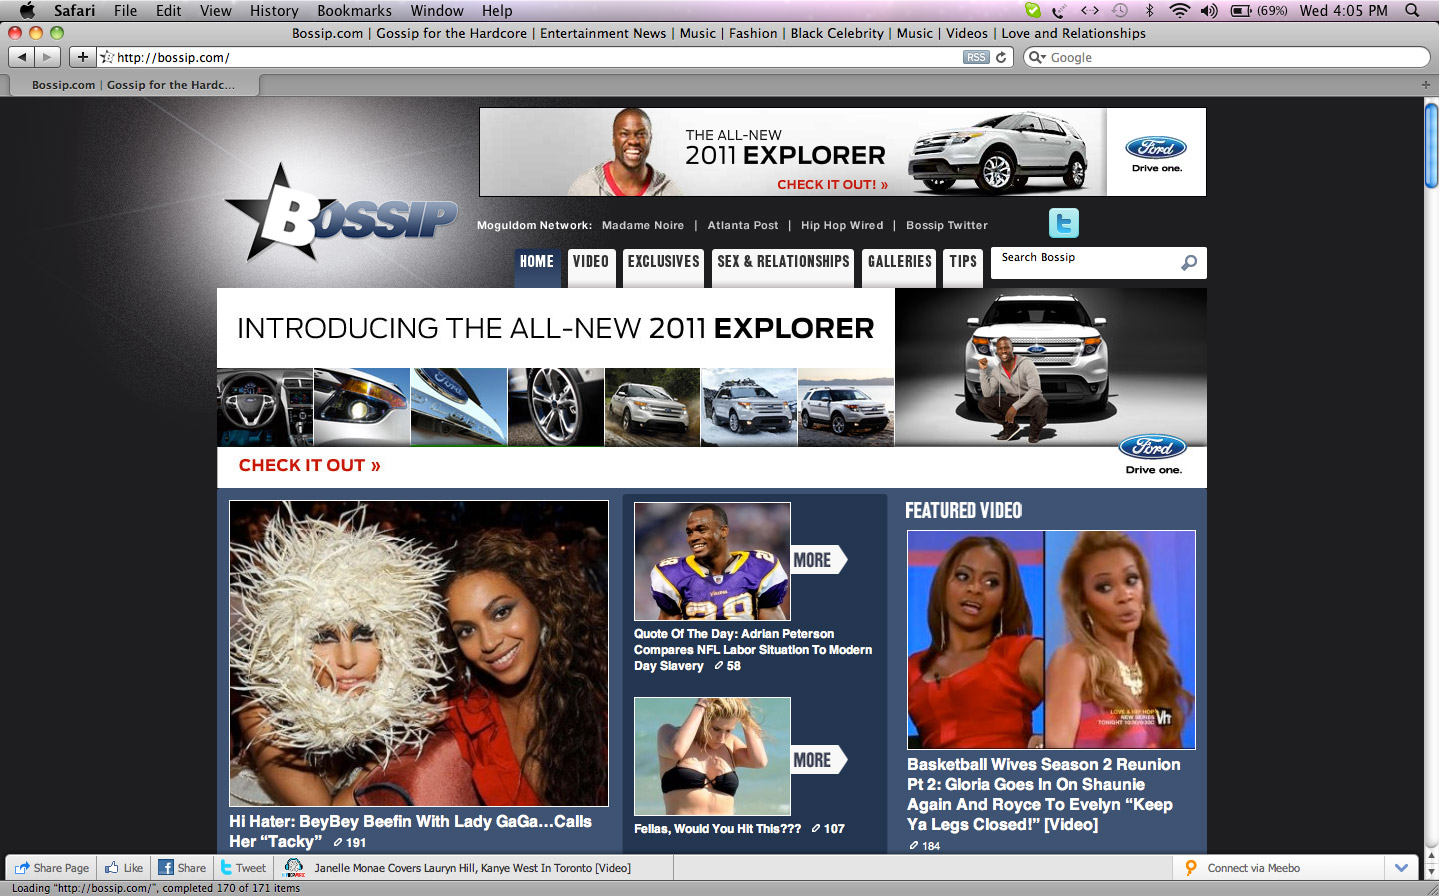 bossip.com